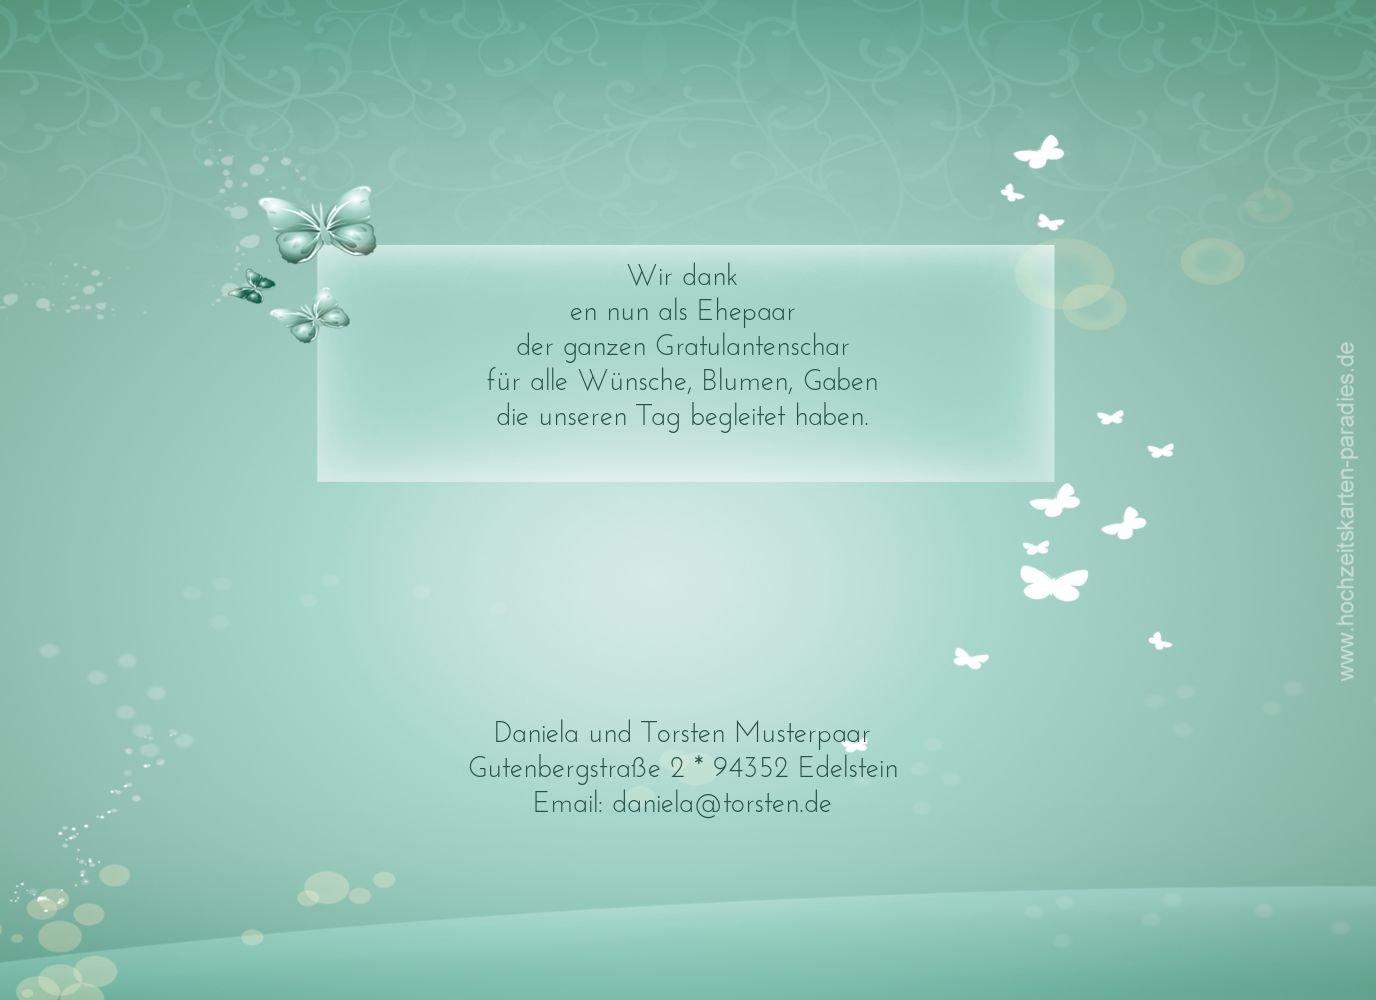 Kartenparadies Danksagung Danksagung Danksagung für Hochzeitsgeschenke Hochzeit Danke Dream, hochwertige Danksagungskarte Hochzeitsglückwünsche inklusive Umschläge   10 Karten - (Format  148x105 mm) Farbe  HellRosa B01N36GTN9 | Zarte  | Sehr gute Farbe  | 7d16a7